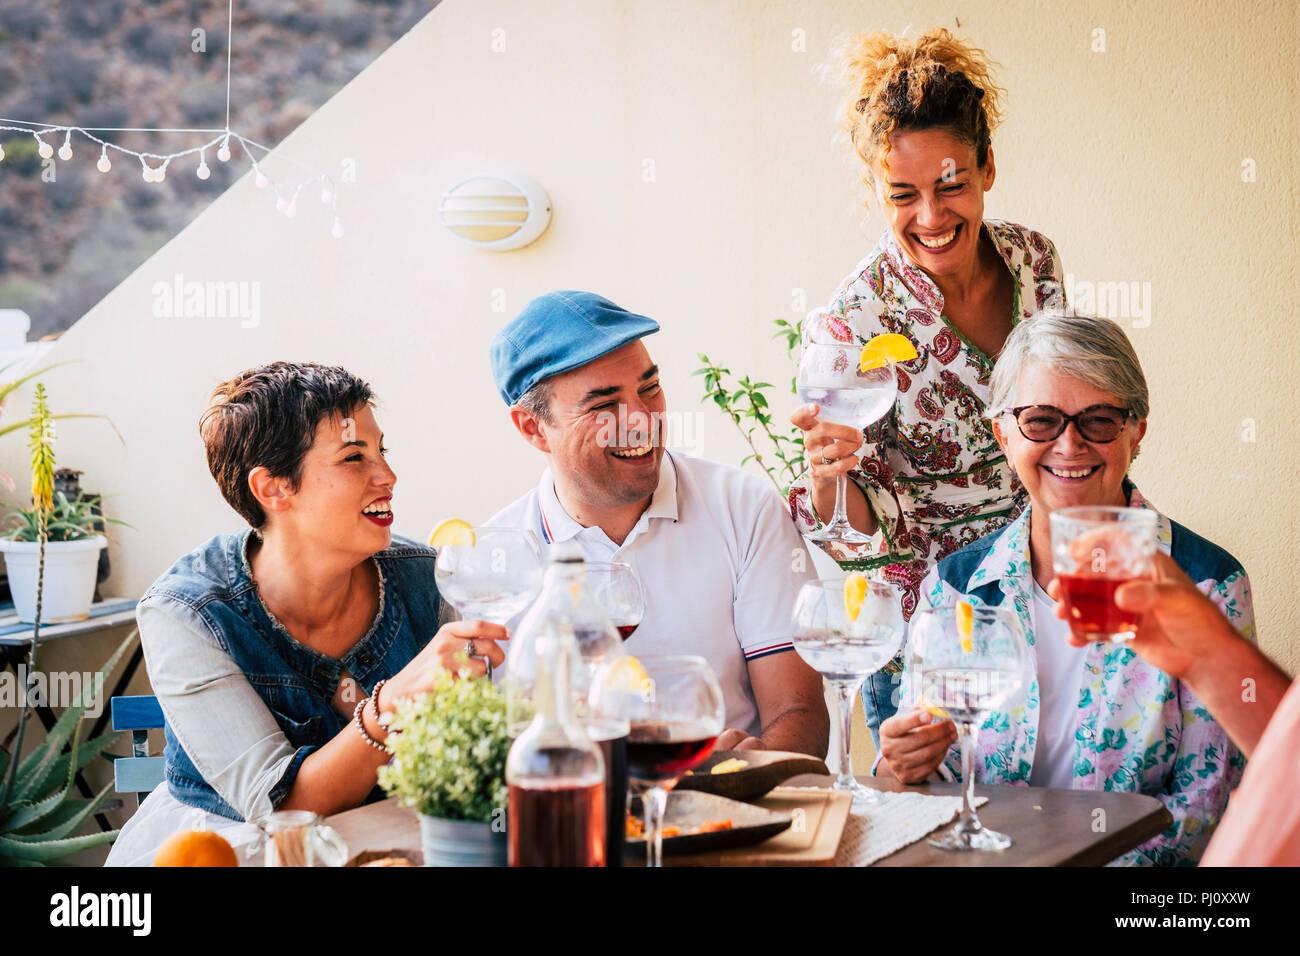 Gruppo di adulti di età mista da 40 a 80 per celebrare insieme a casa nella terrazza con cibo e vino. amicizia insieme persone concetto avente un divertente Immagini Stock